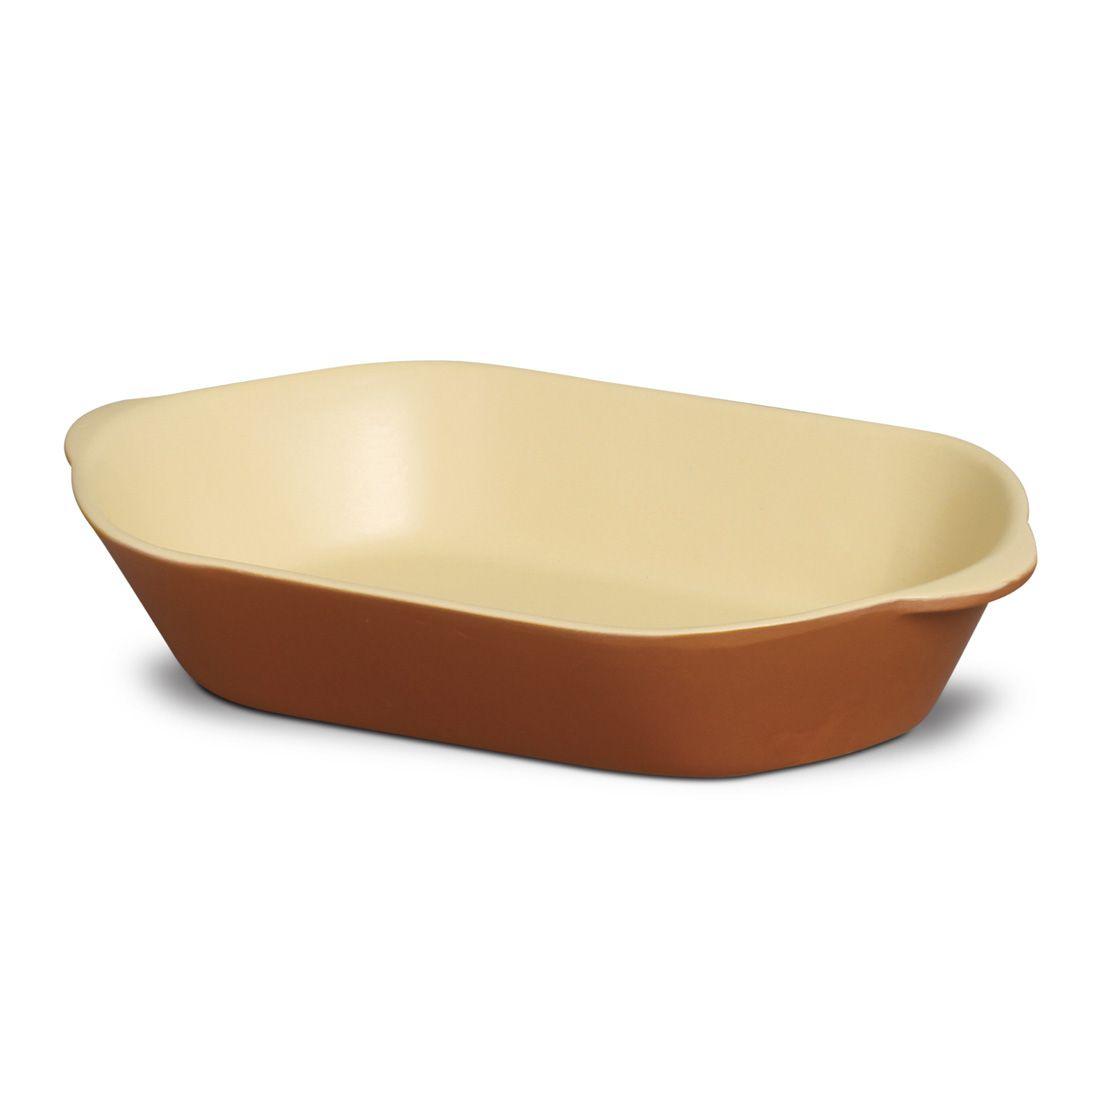 Forma Assadeira 3,2L para Micro-Ondas, Forno Convencional e Elétrico de Cerâmica Oval Marrom